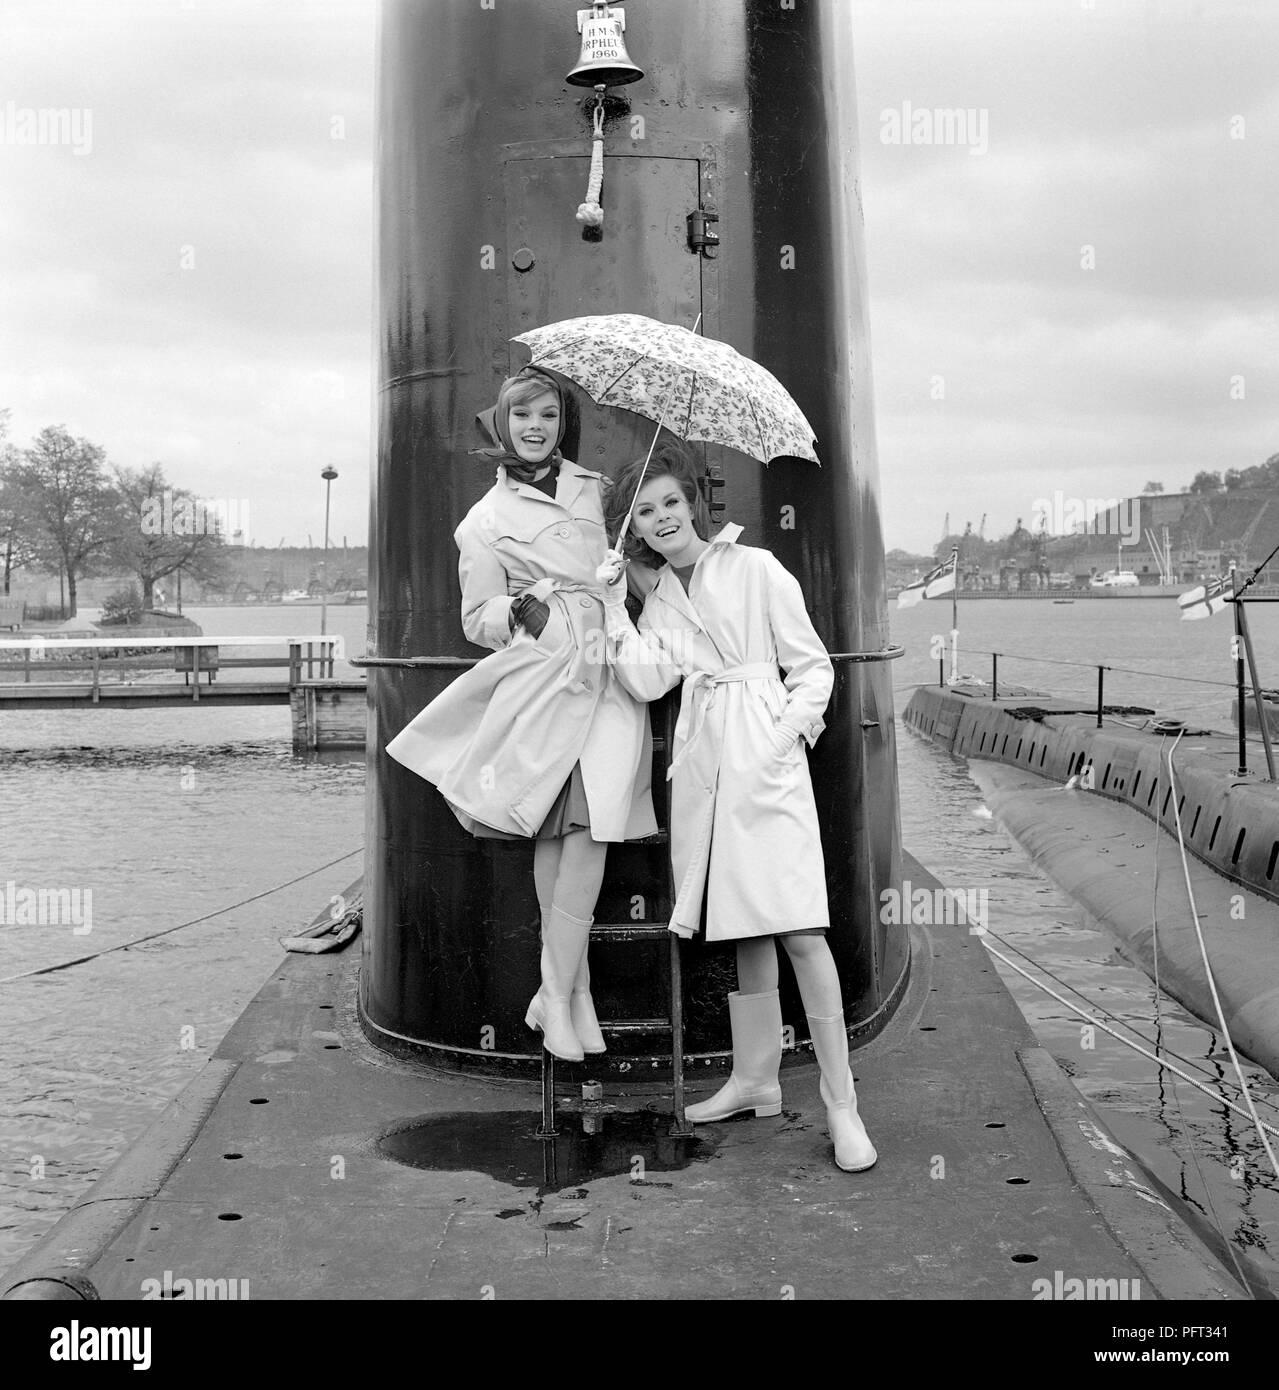 60er Jahre Mode. Zwei Models abgebildet an Bord des britischen U-Boot Orpheus. Das U-Boot liegt im Hafen von Stockholm verankert. Die Modelle tragen die herbste Mode Der regenjacken. Schweden Mai 1962 Stockbild